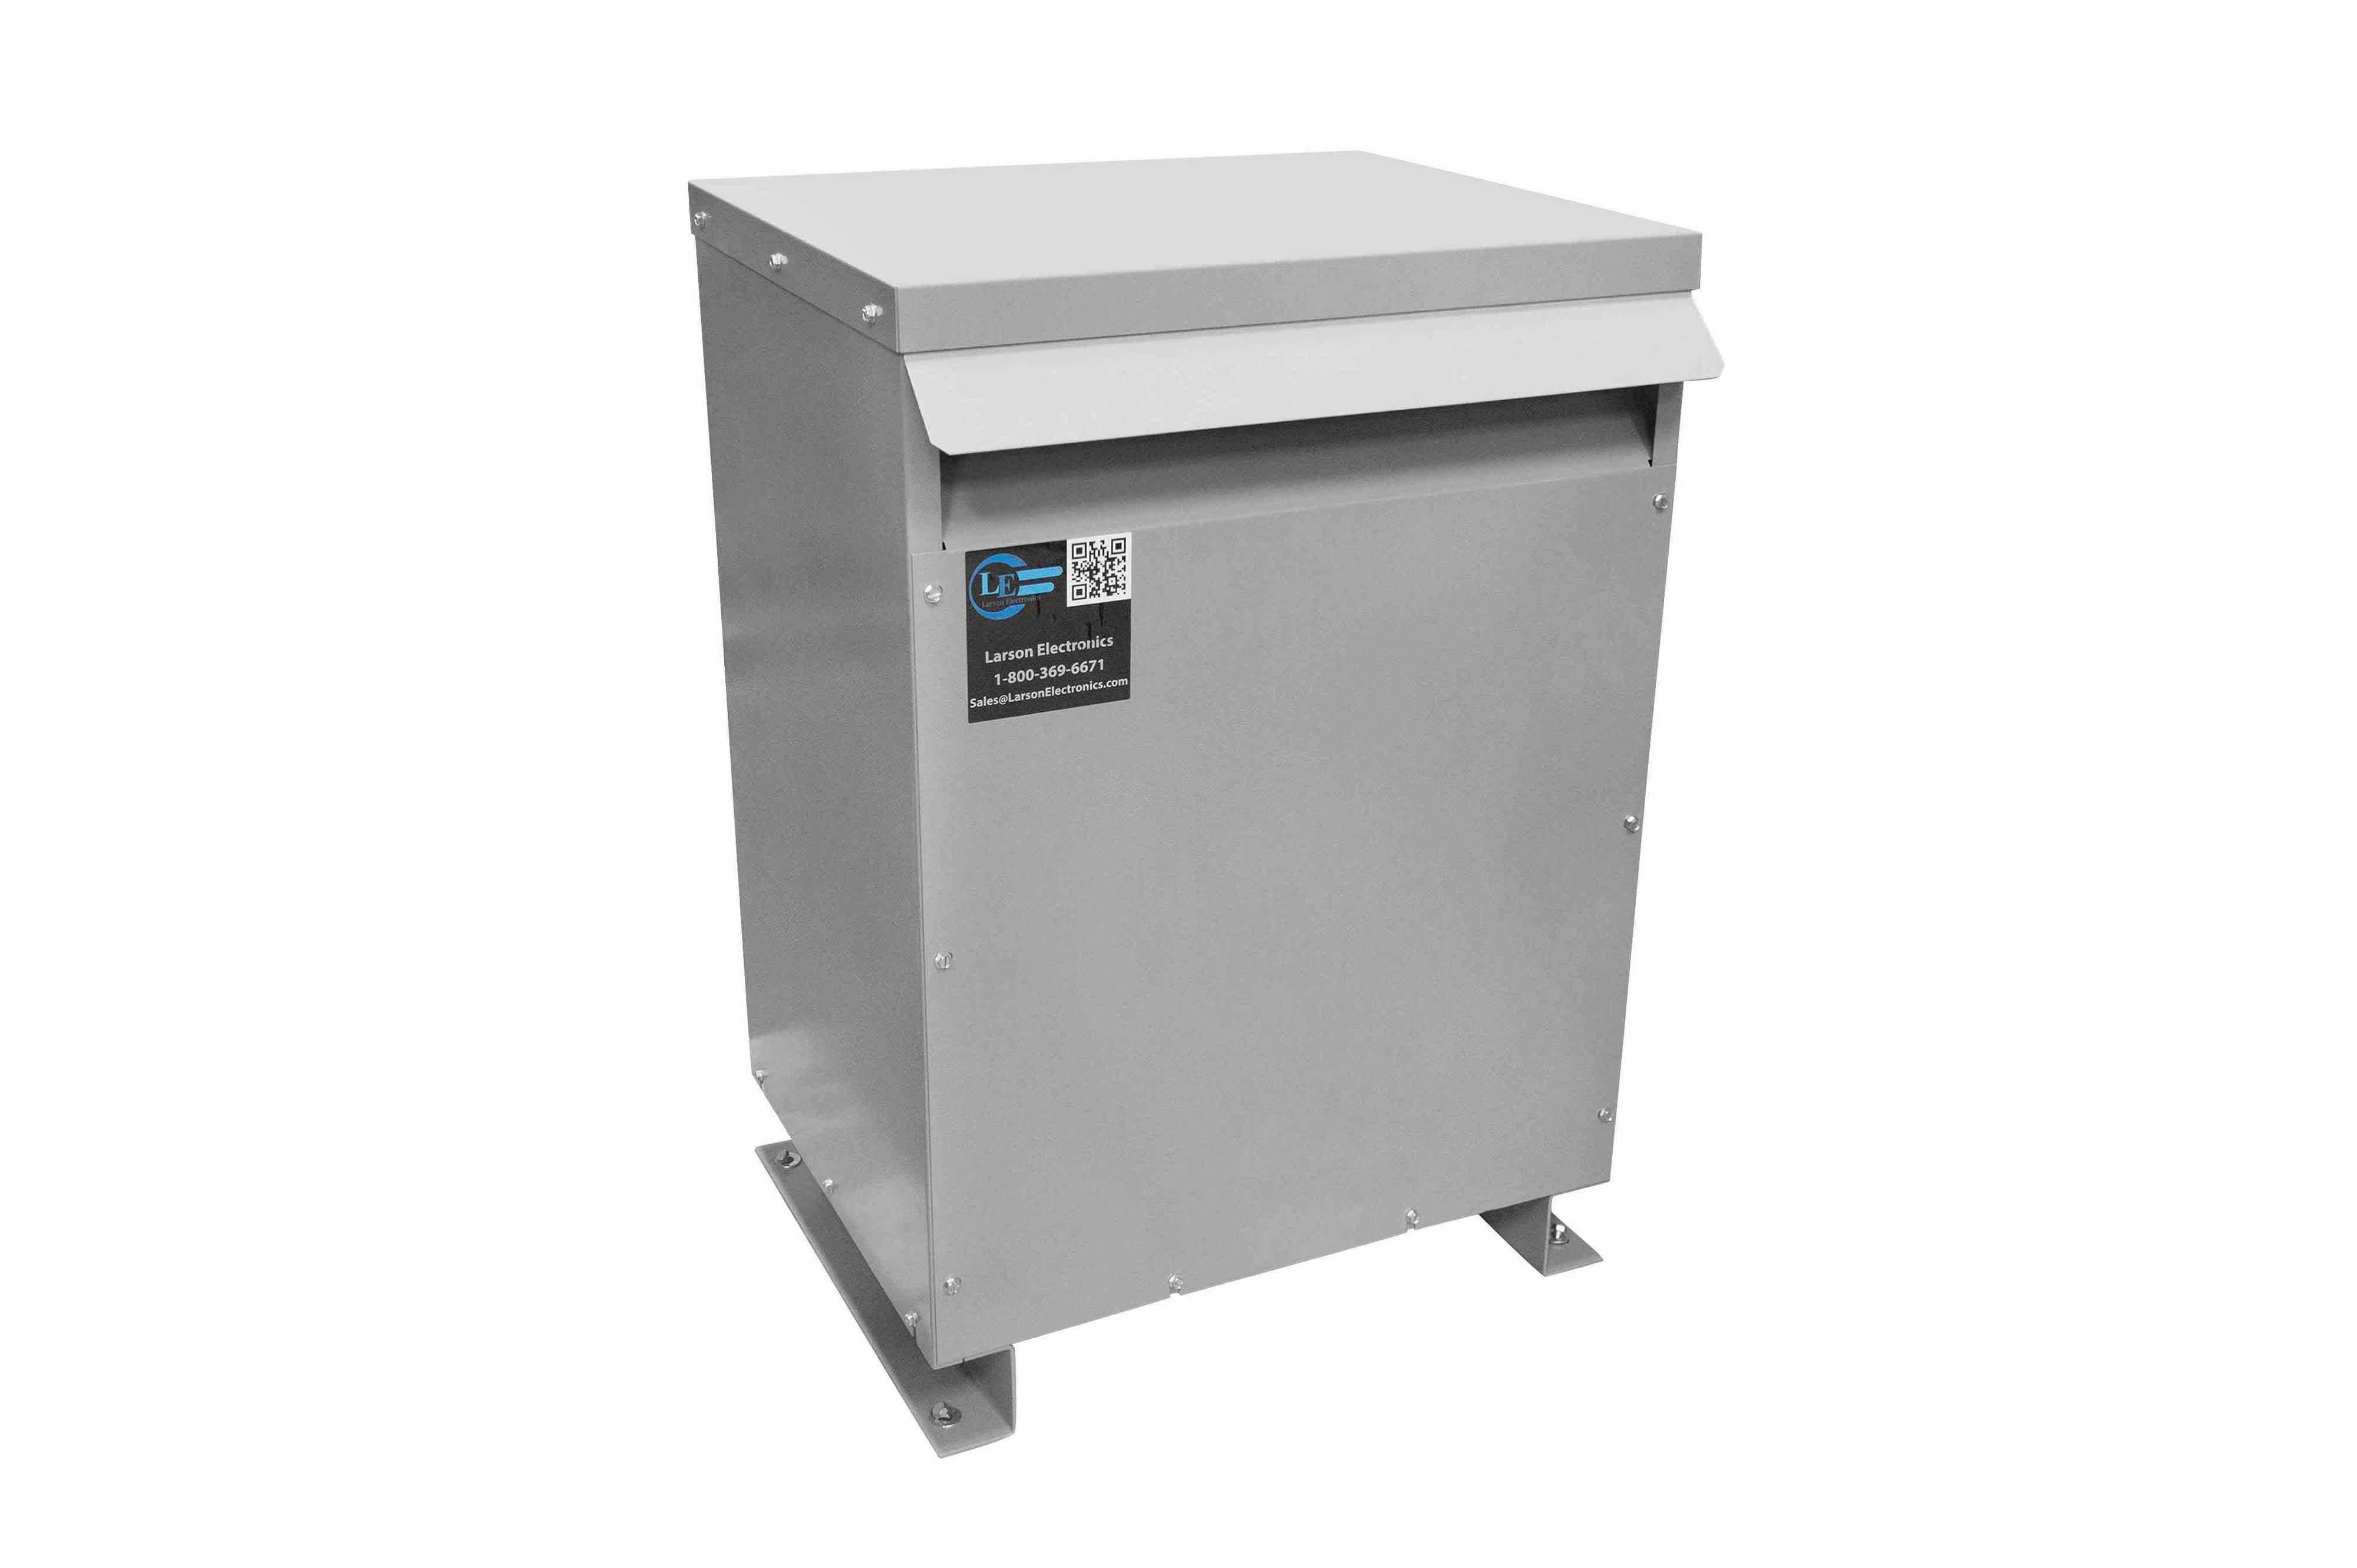 500 kVA 3PH Isolation Transformer, 240V Delta Primary, 208V Delta Secondary, N3R, Ventilated, 60 Hz